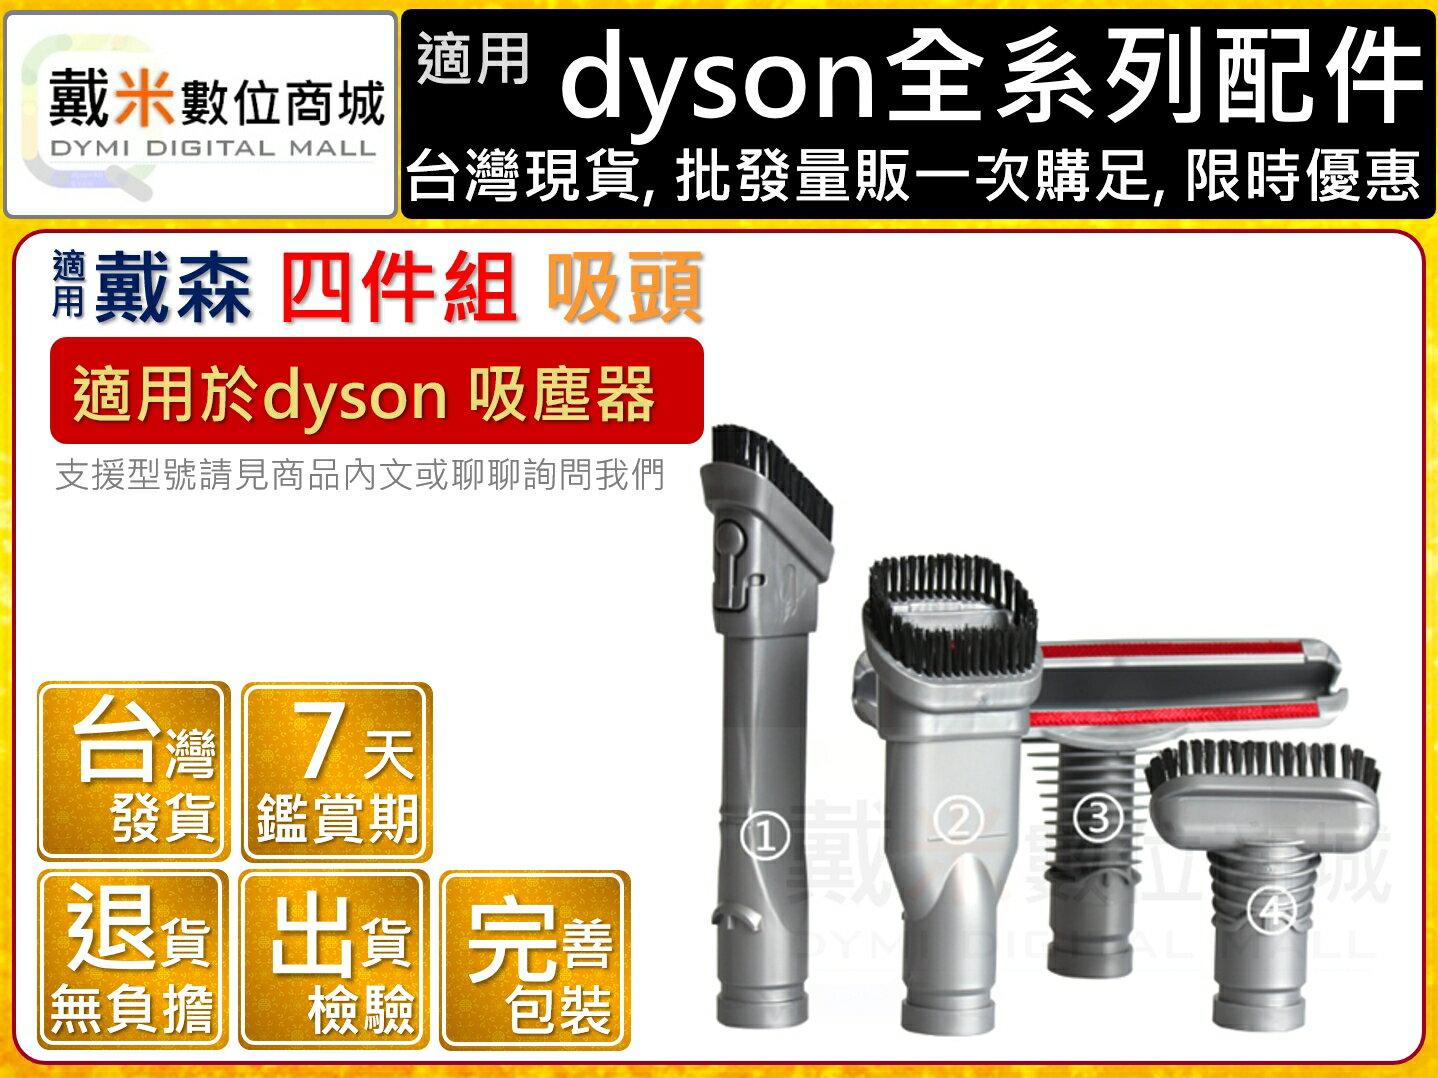 台灣發貨 適用 戴森 dyson 四件 組 吸頭 配件 床墊 狹縫 扁吸頭 寬吸頭 硬毛刷頭 床墊吸頭 4件組 四件組